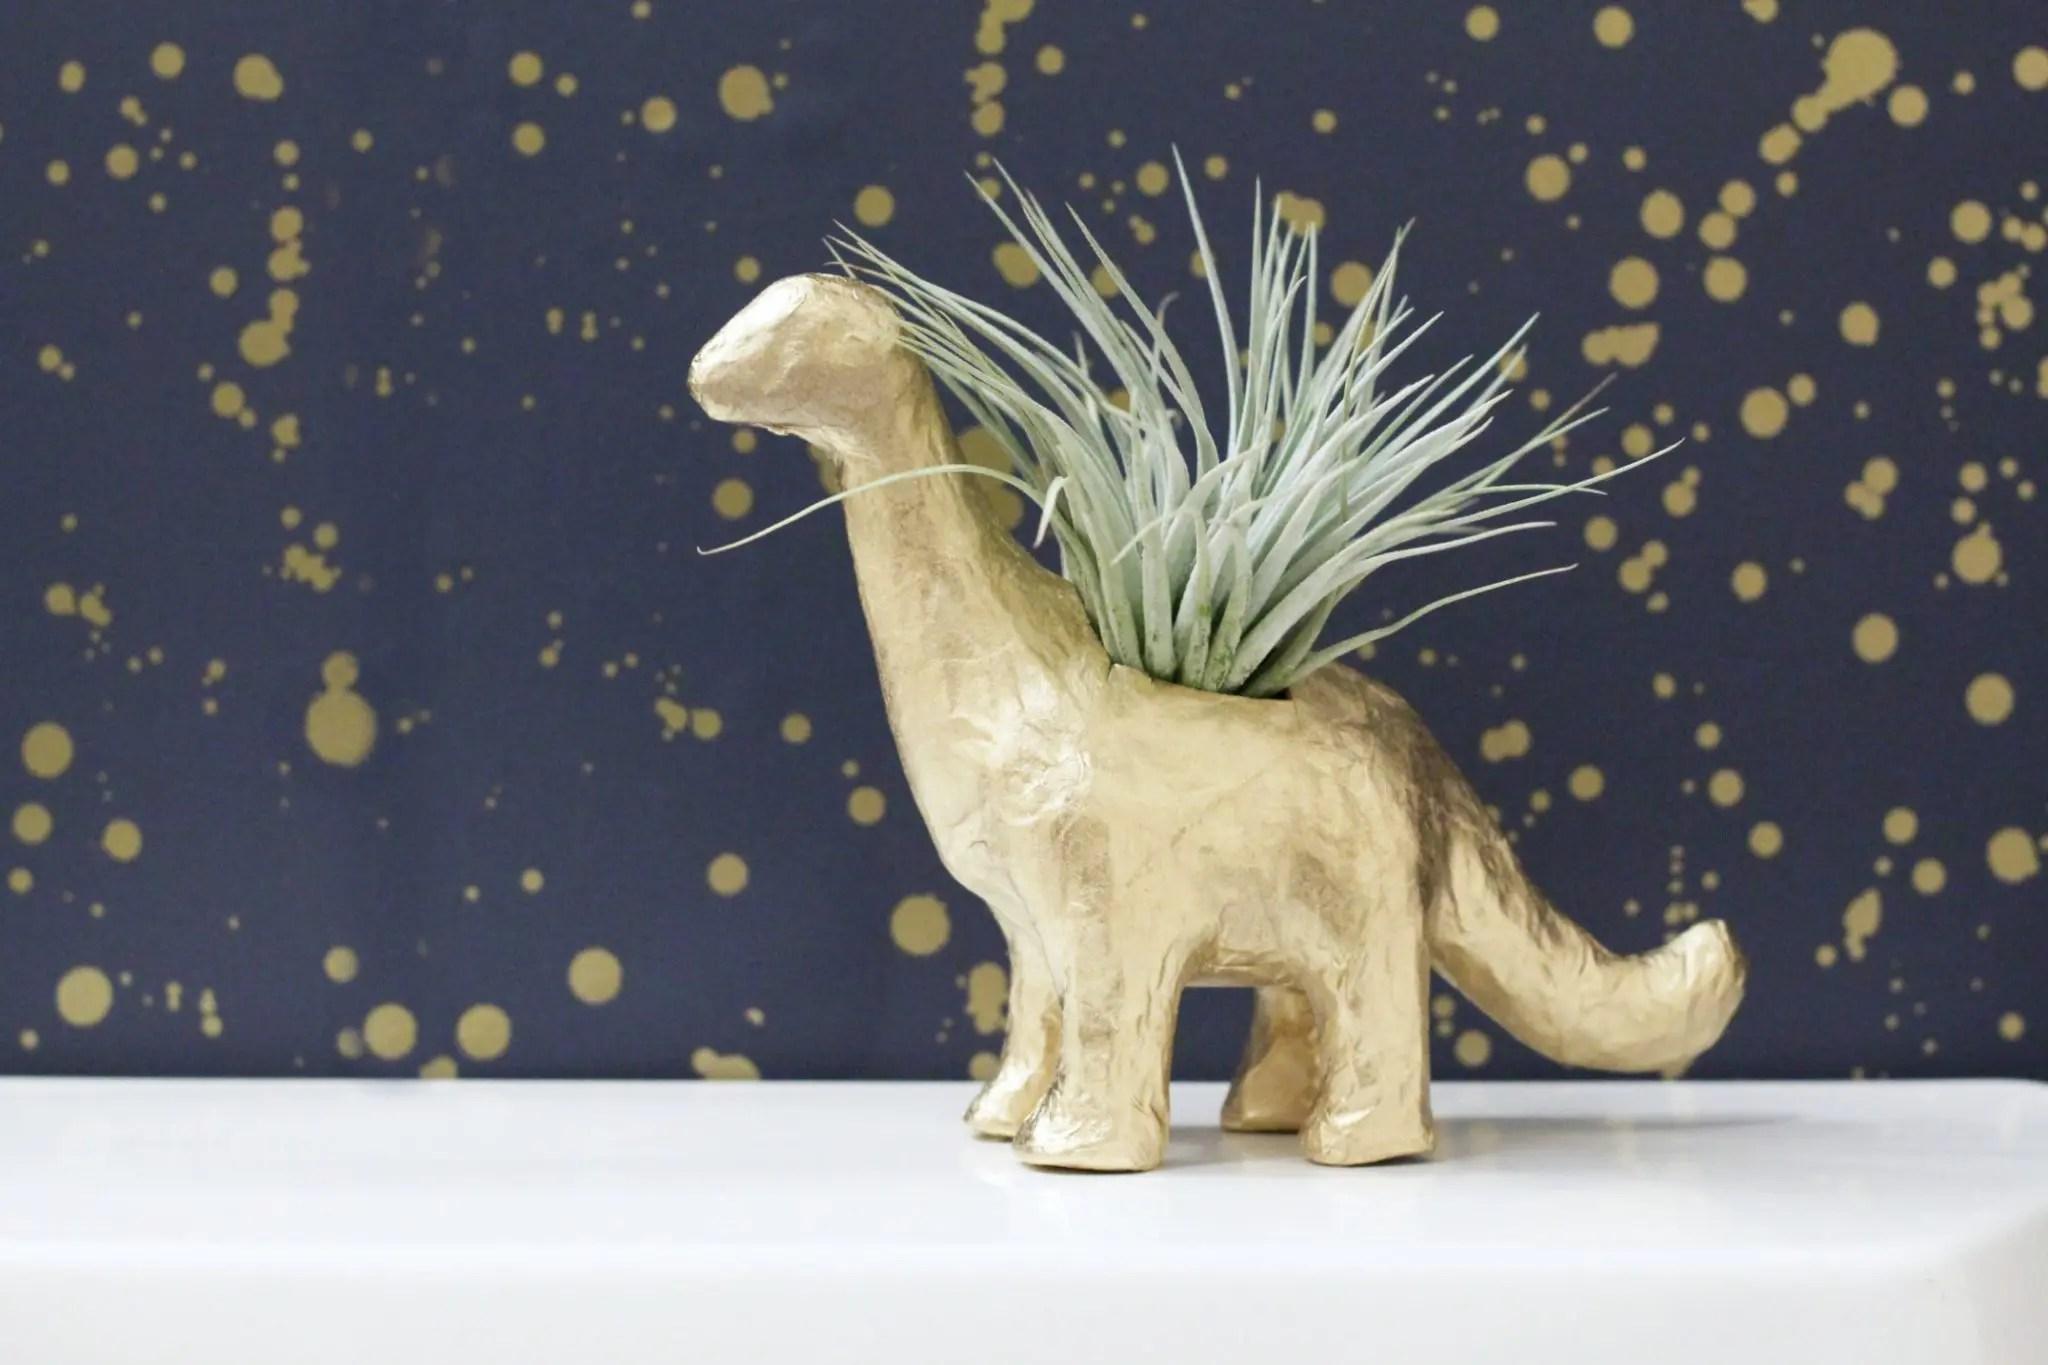 How to Make a DIY Dinosaur Plante